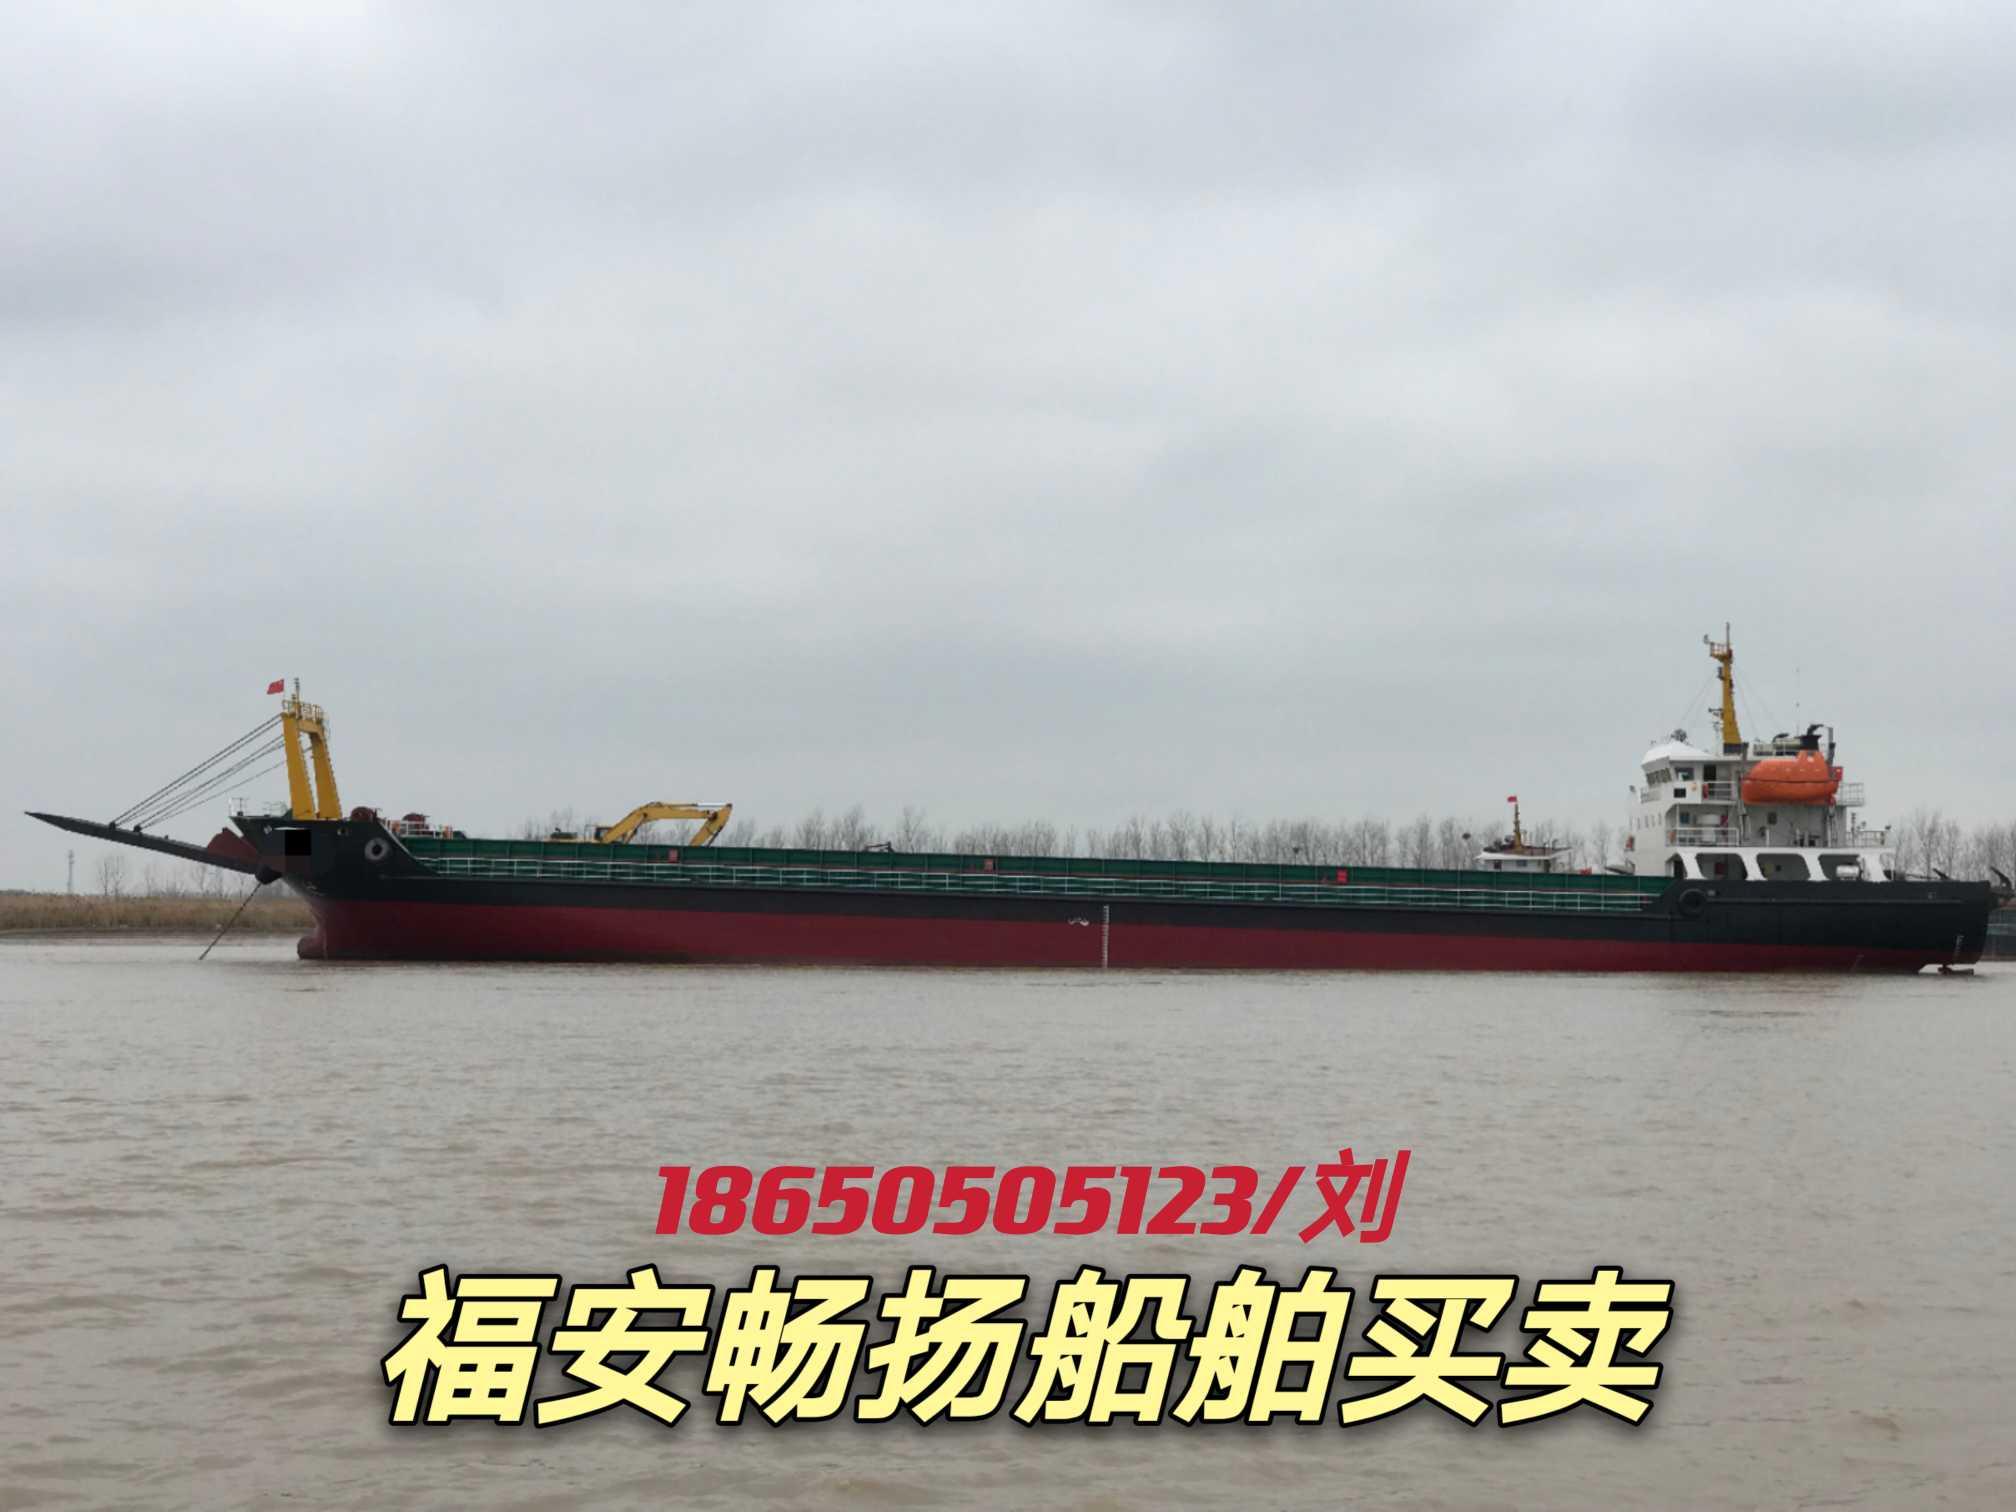 出售5100吨后驾驶甲板驳